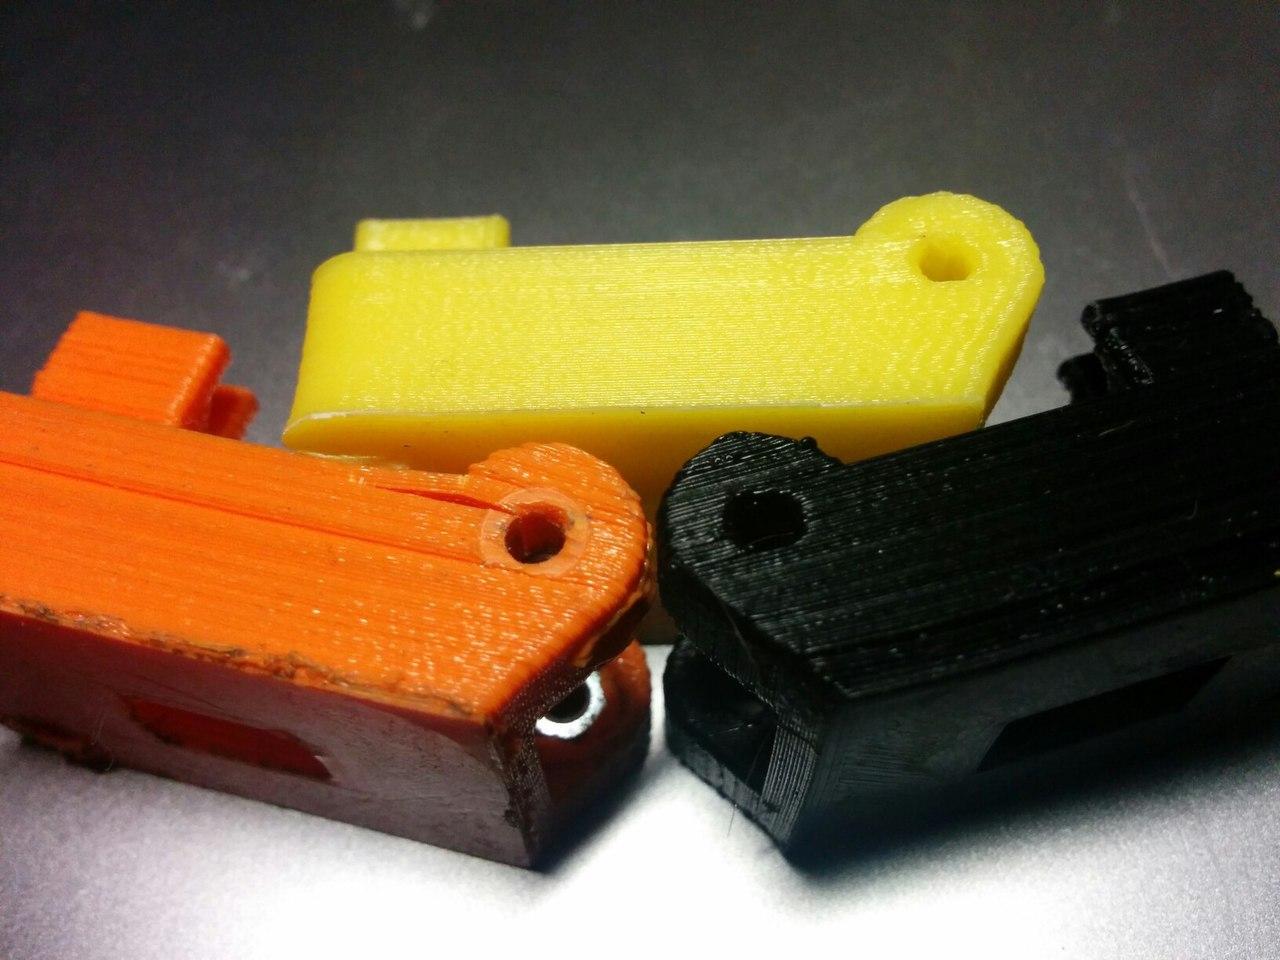 Смотрим эволюцию 3d-принтера под микроскопом - 1